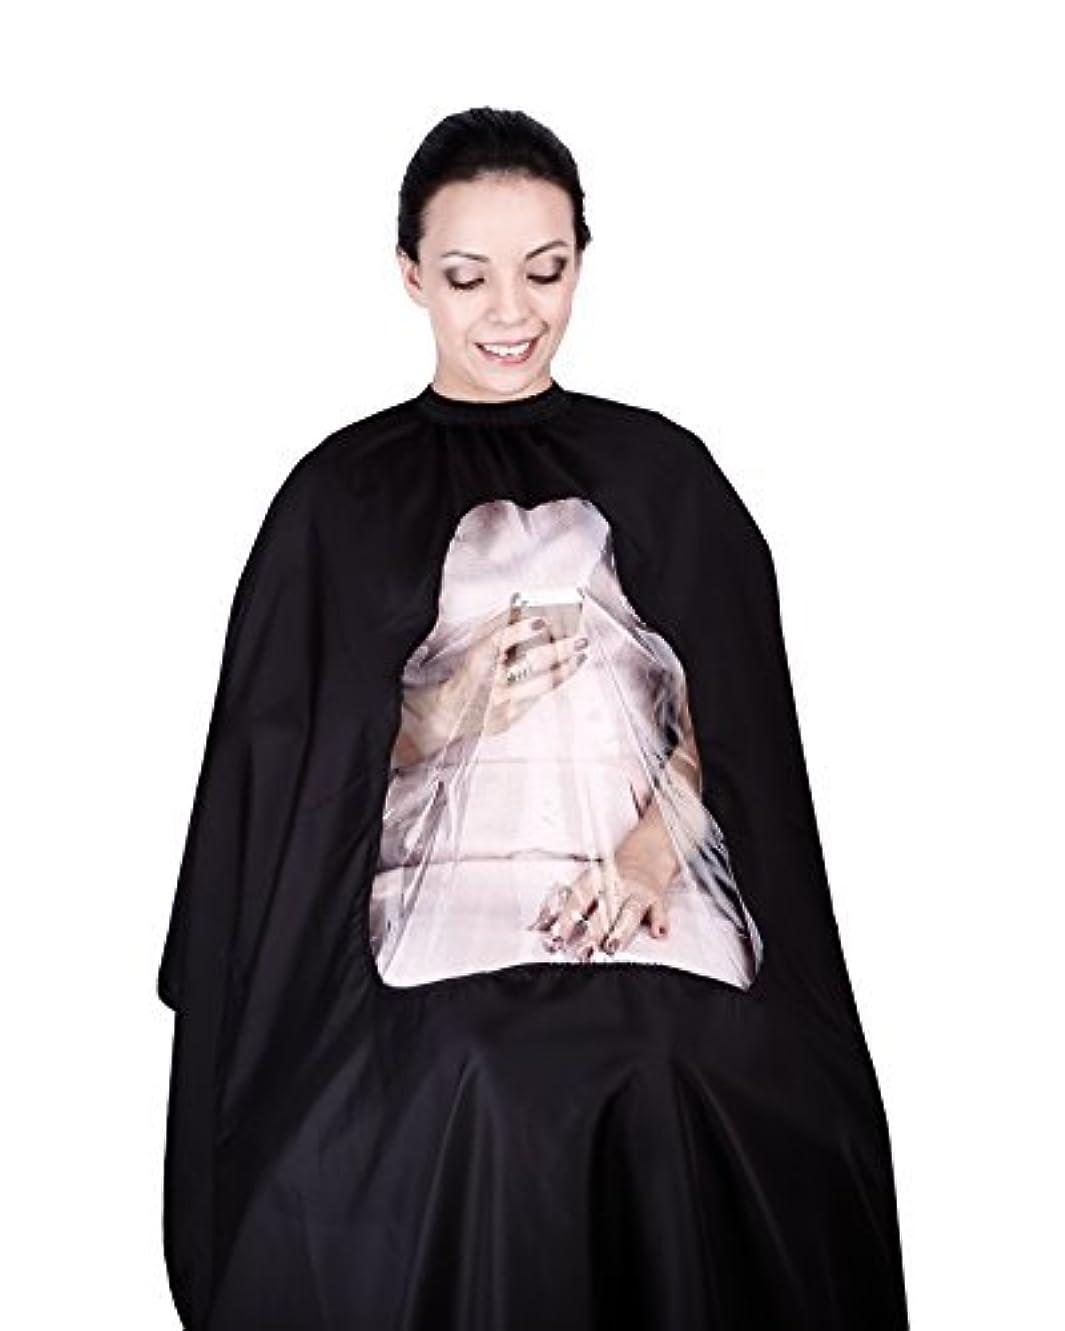 意義曲巡礼者hiLISS Transparent Hair Cutting Cape Salon Barber Gown with Viewing Window, Comes with a Free Gift PRO CB1 Carbon...